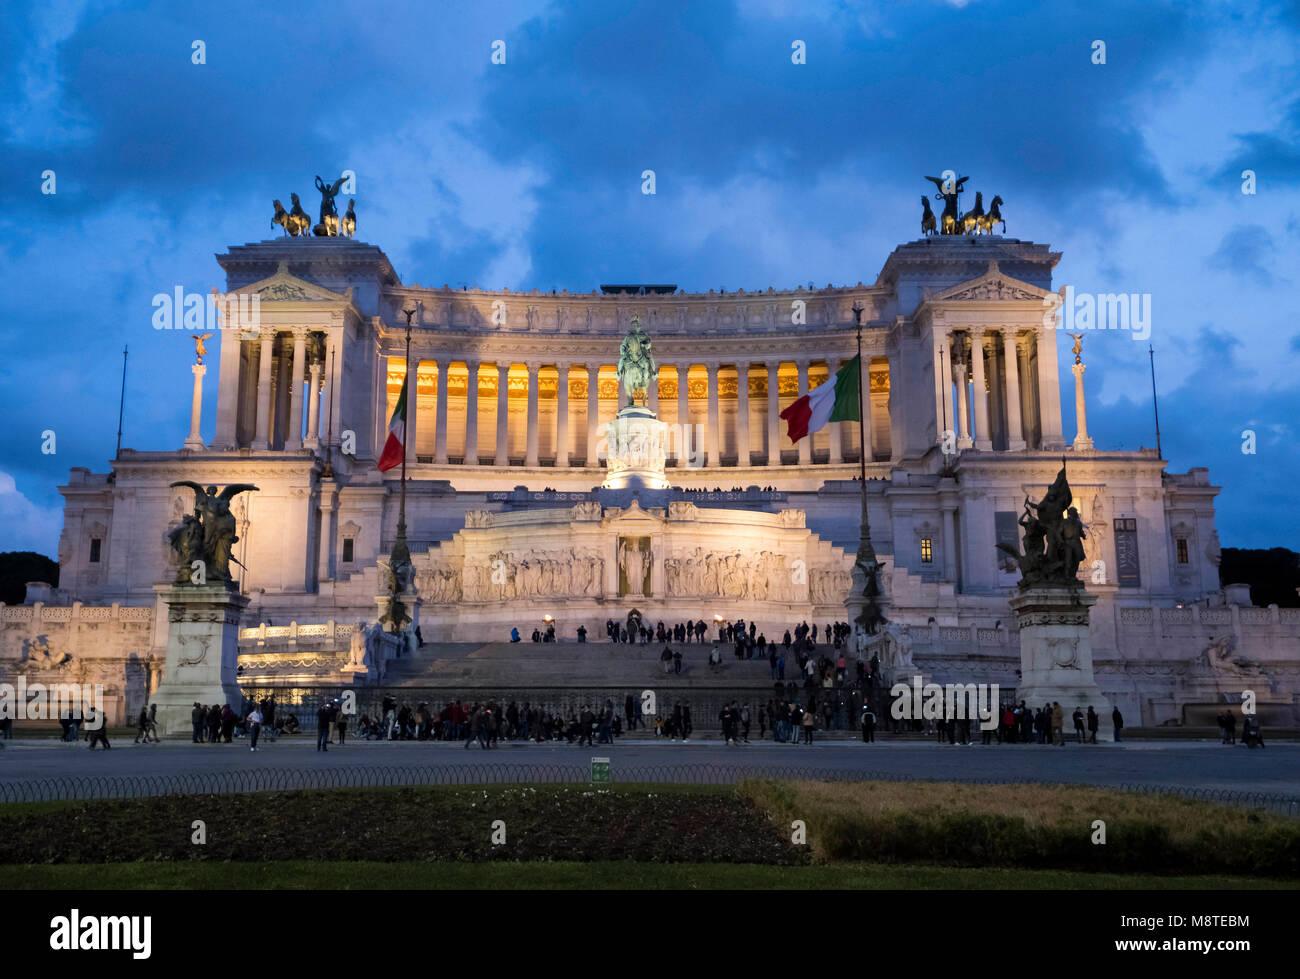 """Altare della Patria o il Monumento Nazionale a Vittorio Emanuele II """"Monumento Nazionale a Vittorio Emanuele Immagini Stock"""